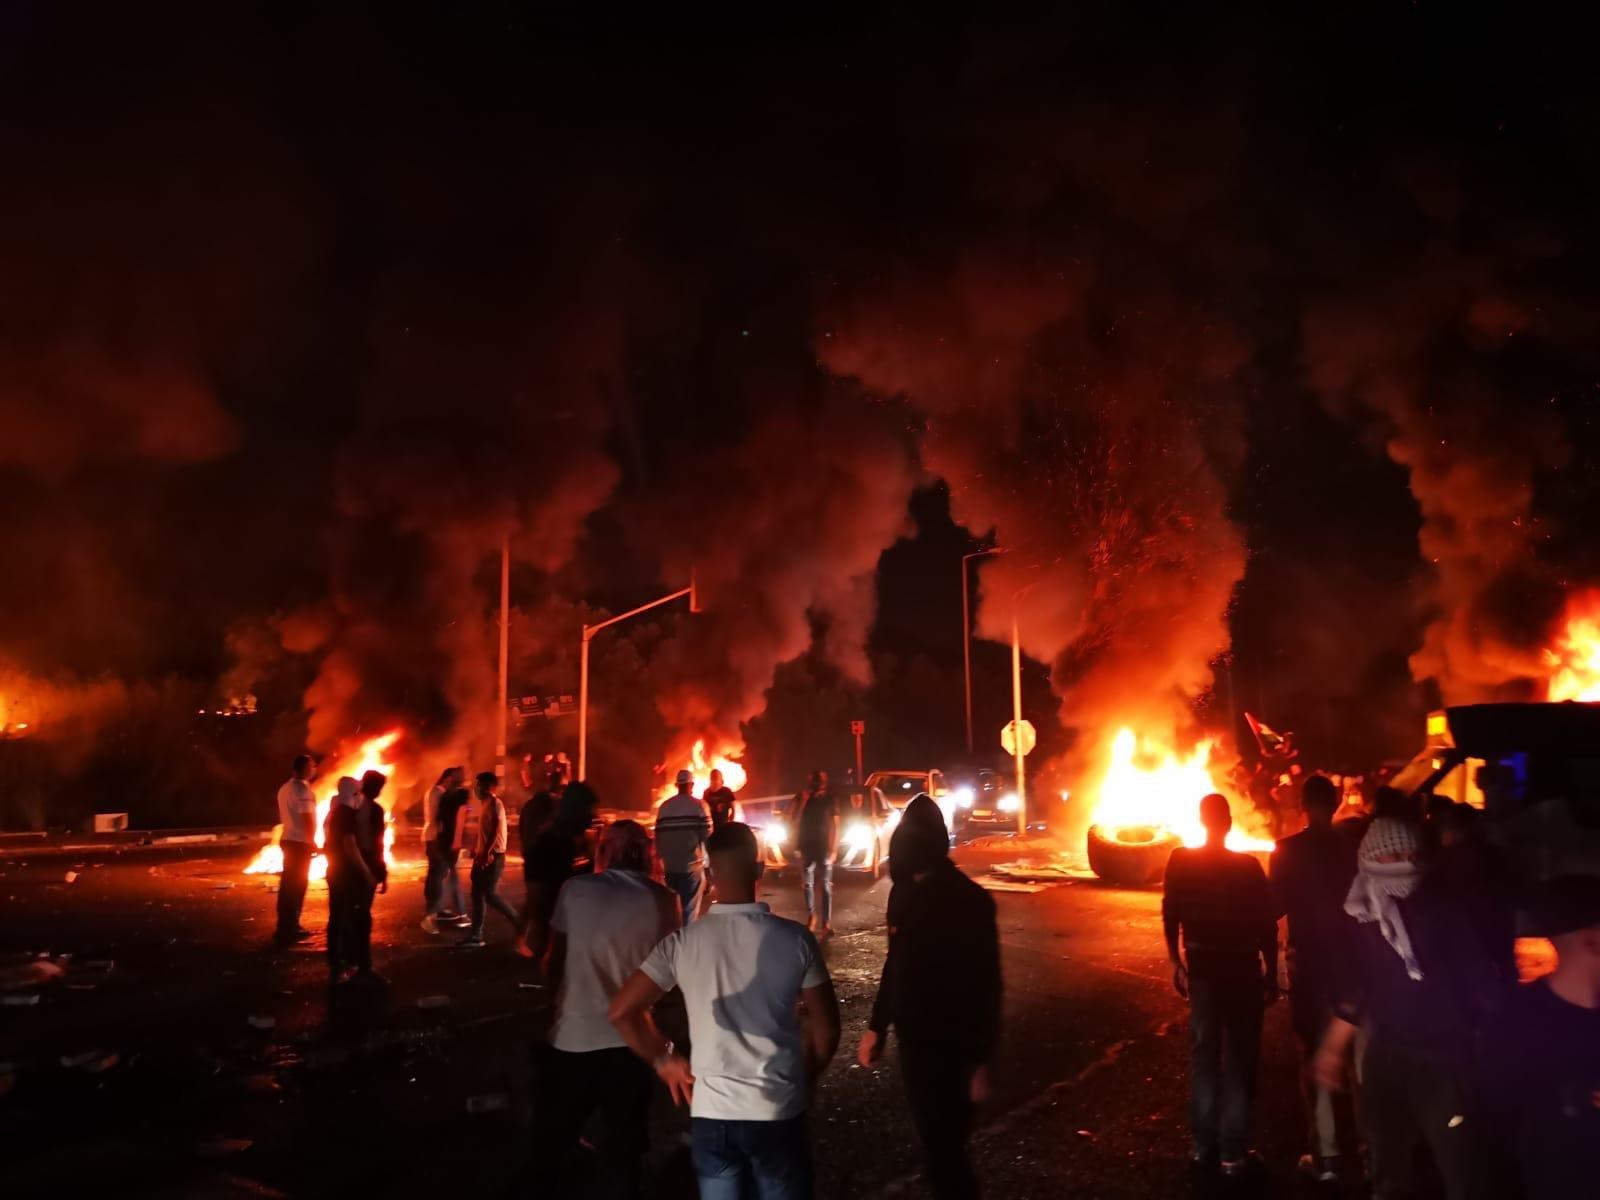 تابعوا الأخبار من مختلف البلدات: مظاهرات حاشدة، اليكم الملخص والصور-2